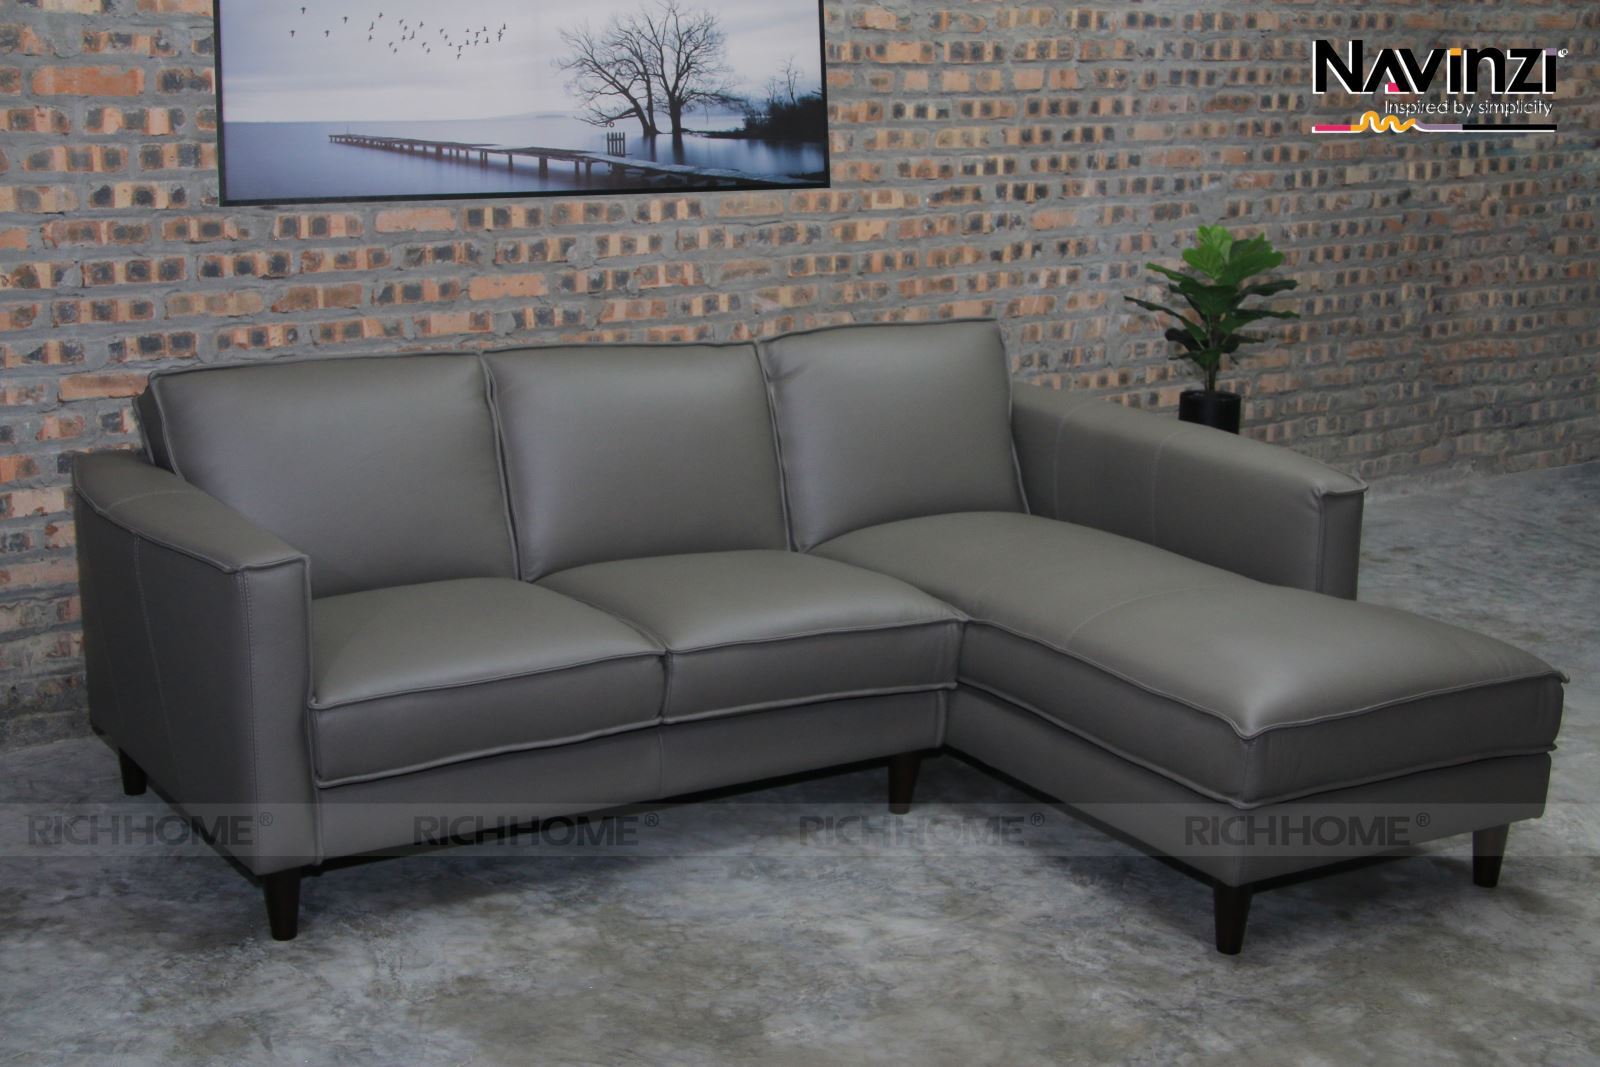 Sofa da Navinzi Max - Có 20 màu sắc tùy chọn